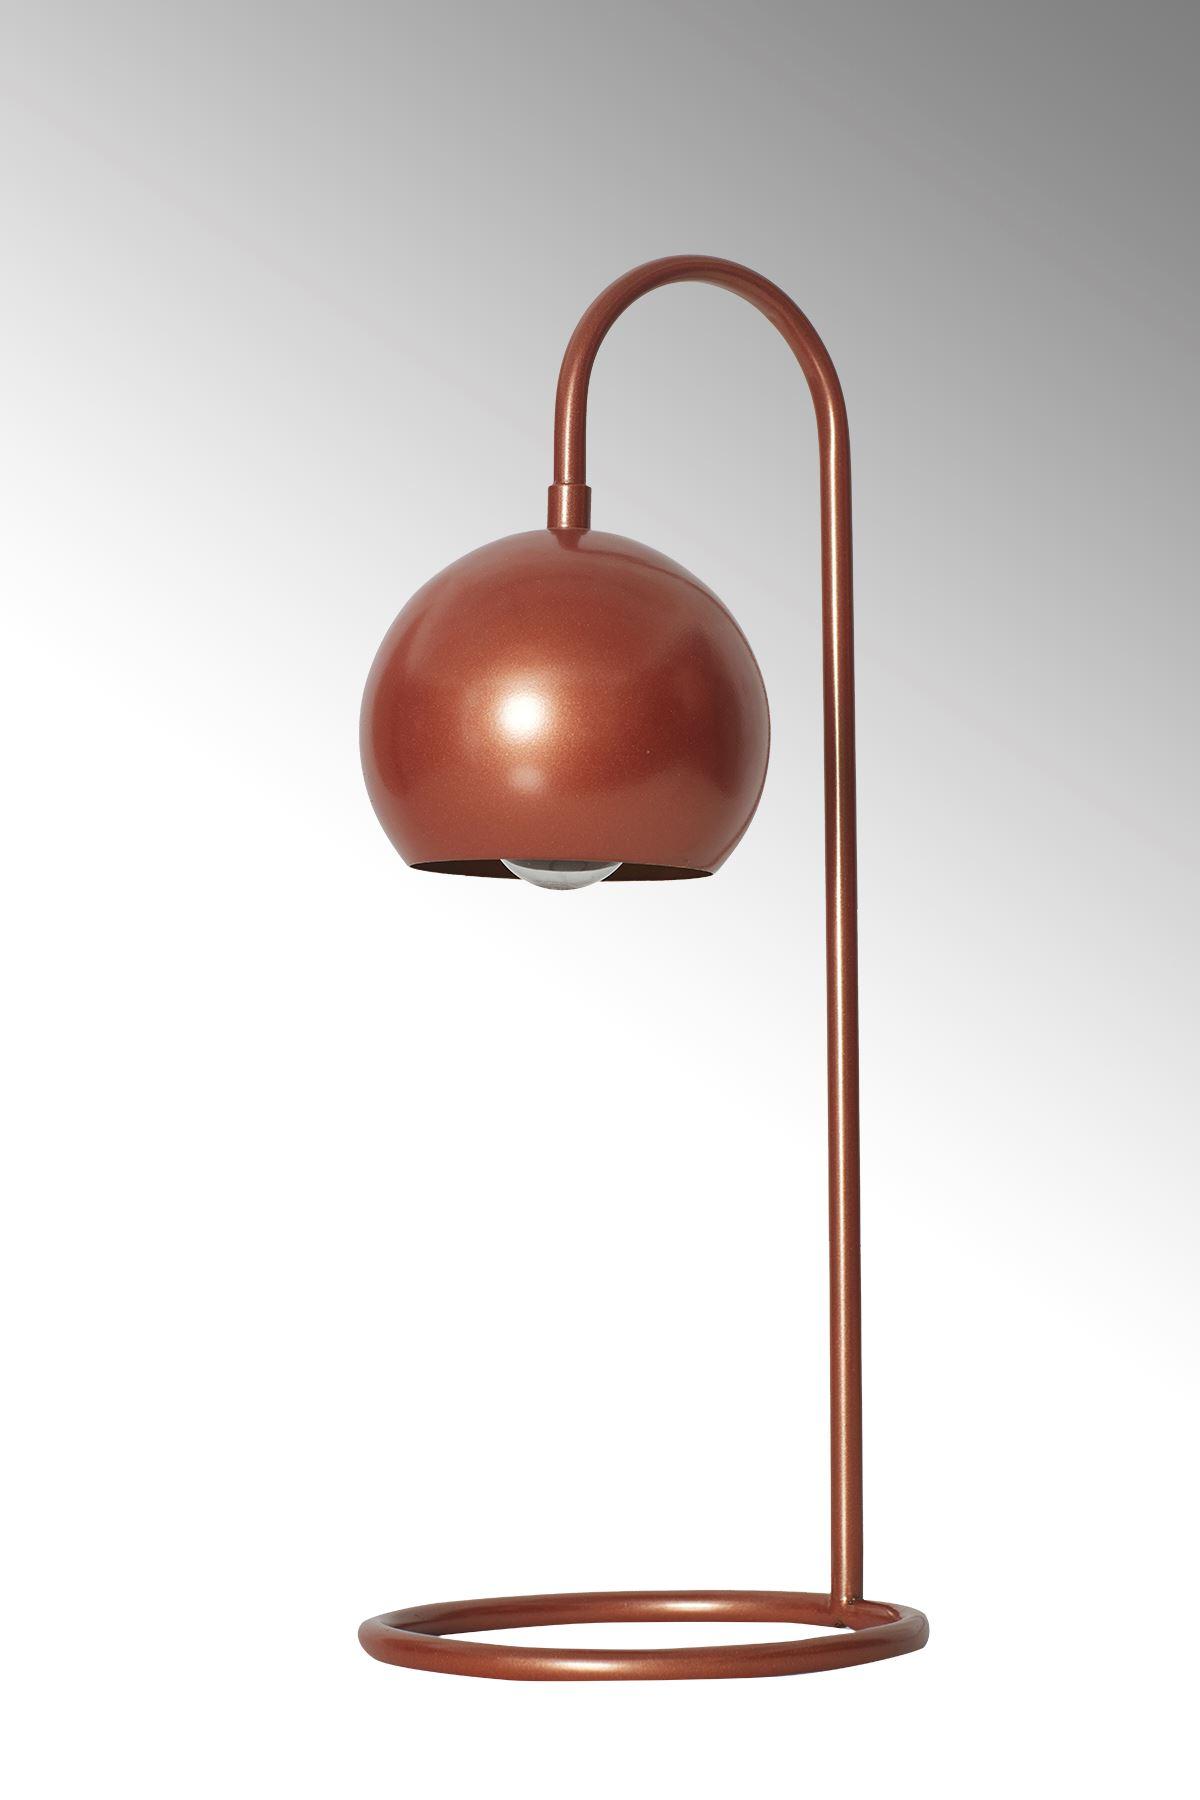 Sonar Bakır Metal Tasarım Lüx Masa Lambası